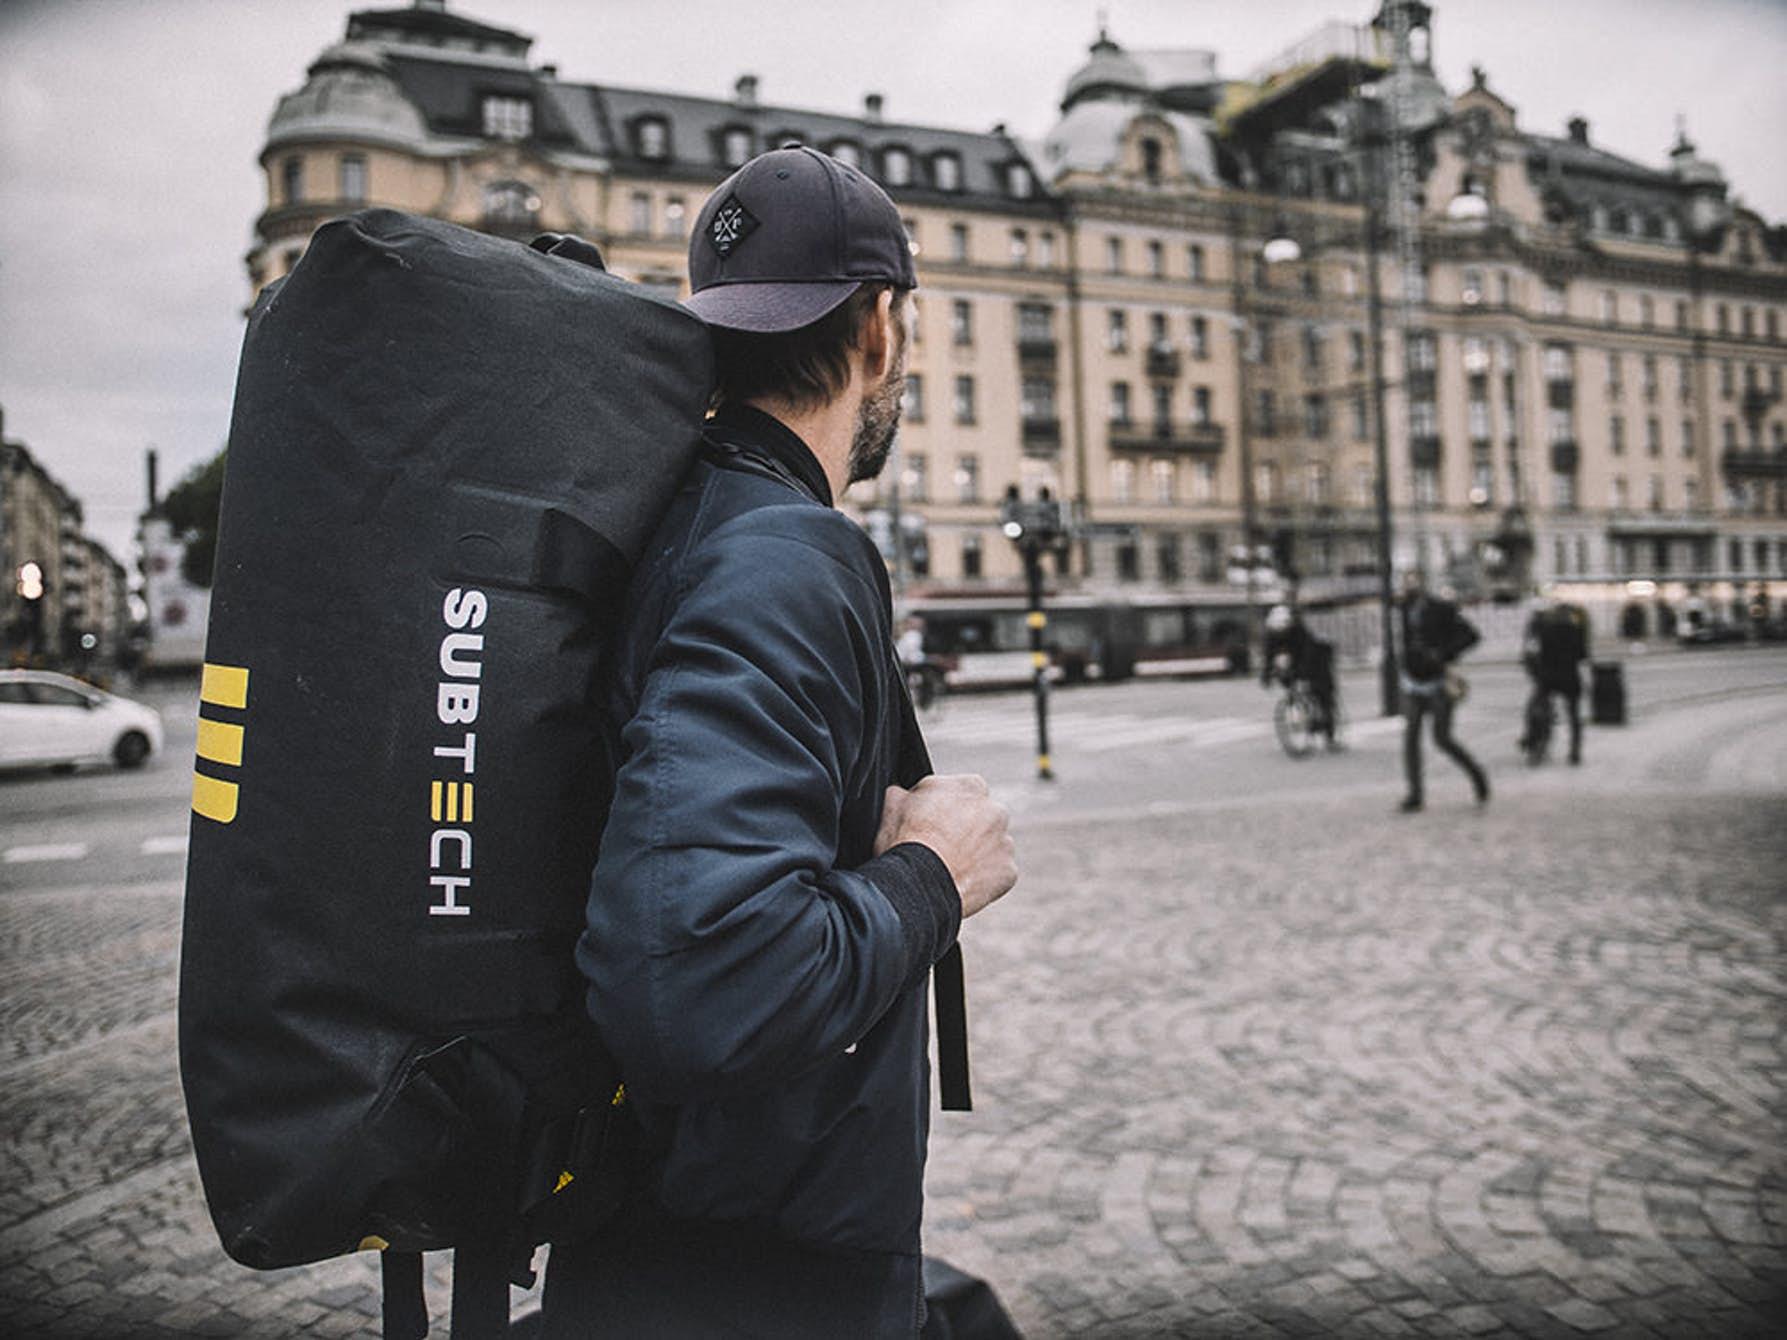 Extrém vízálló táska az extrémsportok kedvelőinek